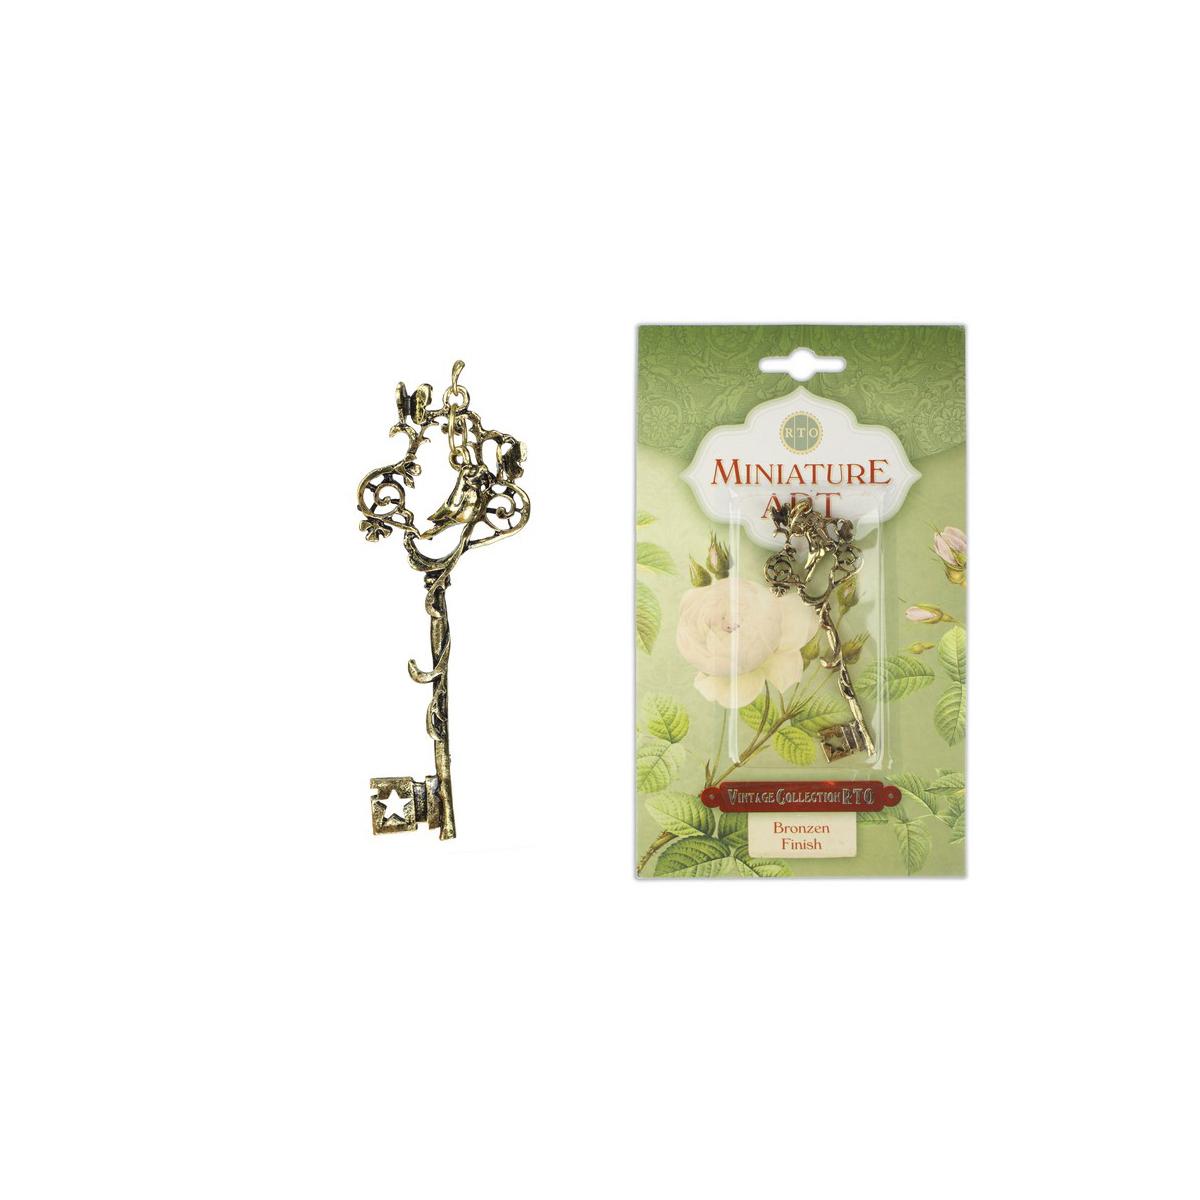 Подвеска винтажная RTO Ключ с птицей. 548031548031Винтажная подвеска изготовлена из металла под бронзу. Прекрасный декор для одежды, чтобы удивить и покорить сердца окружающих.